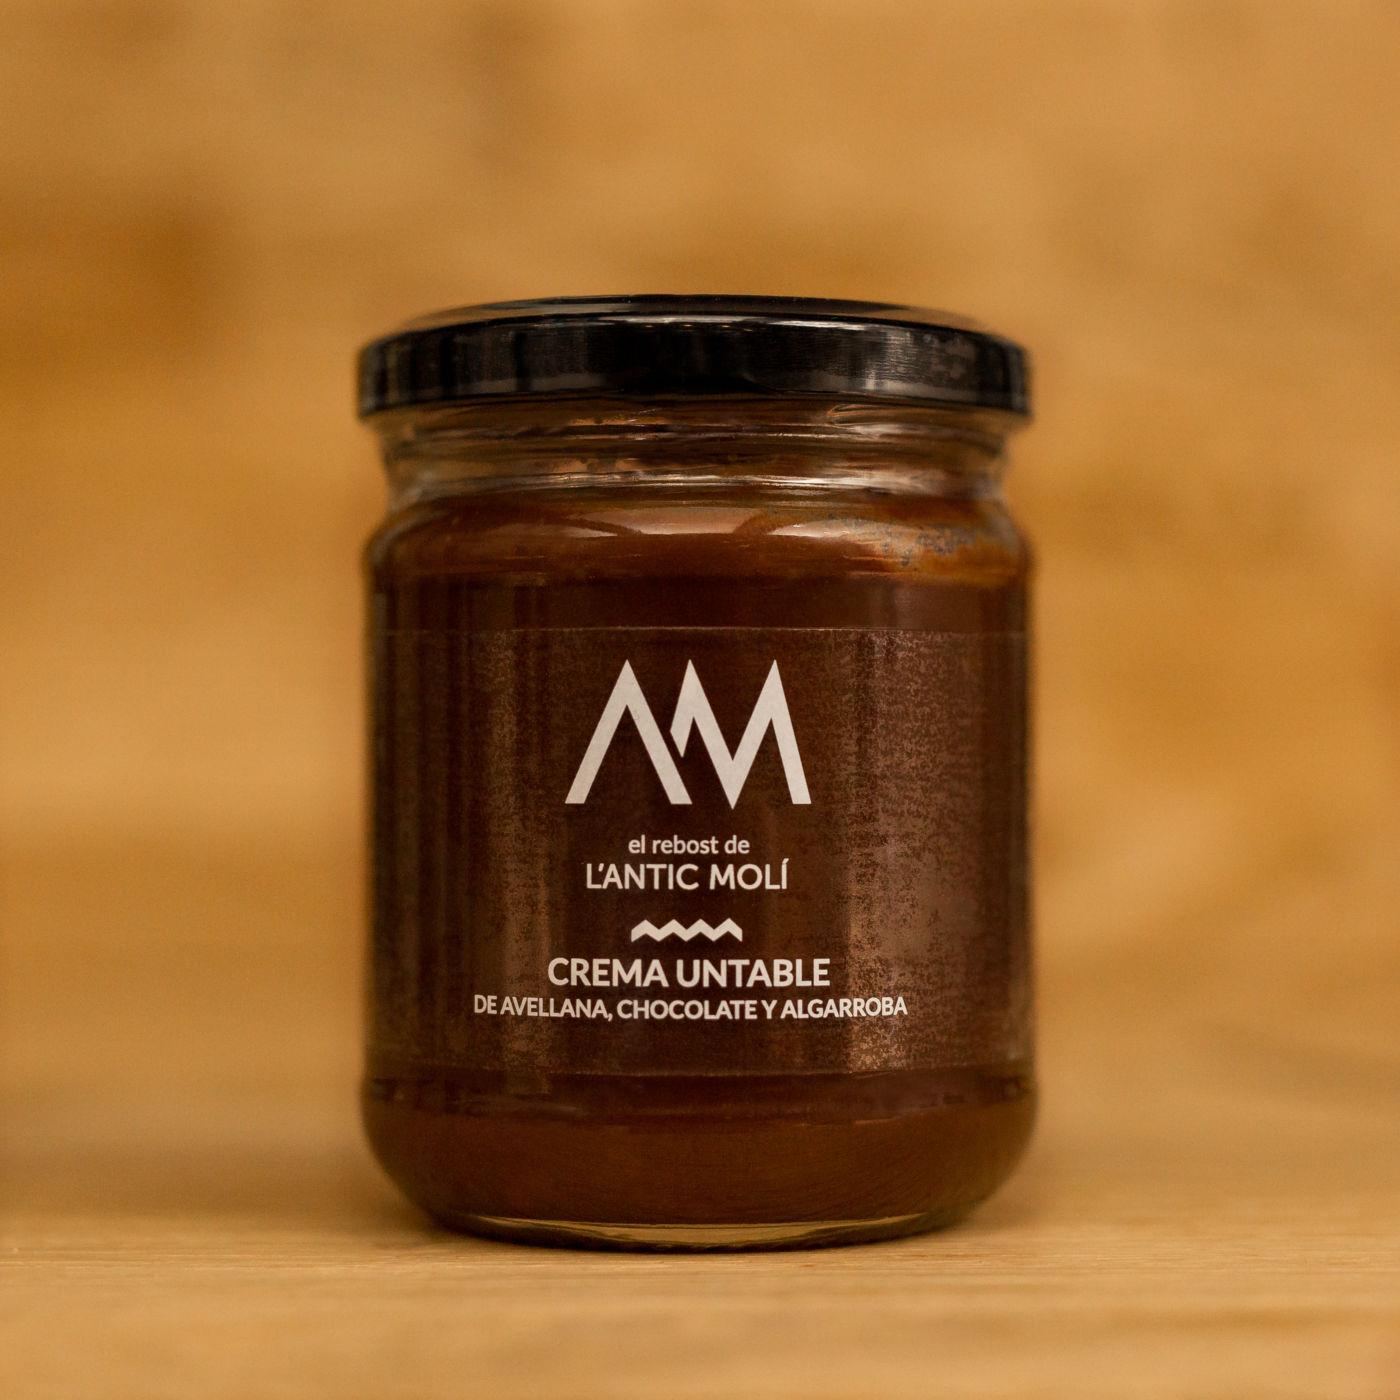 crema untable de avellana-chocolate y algarroba-rebost antic moli